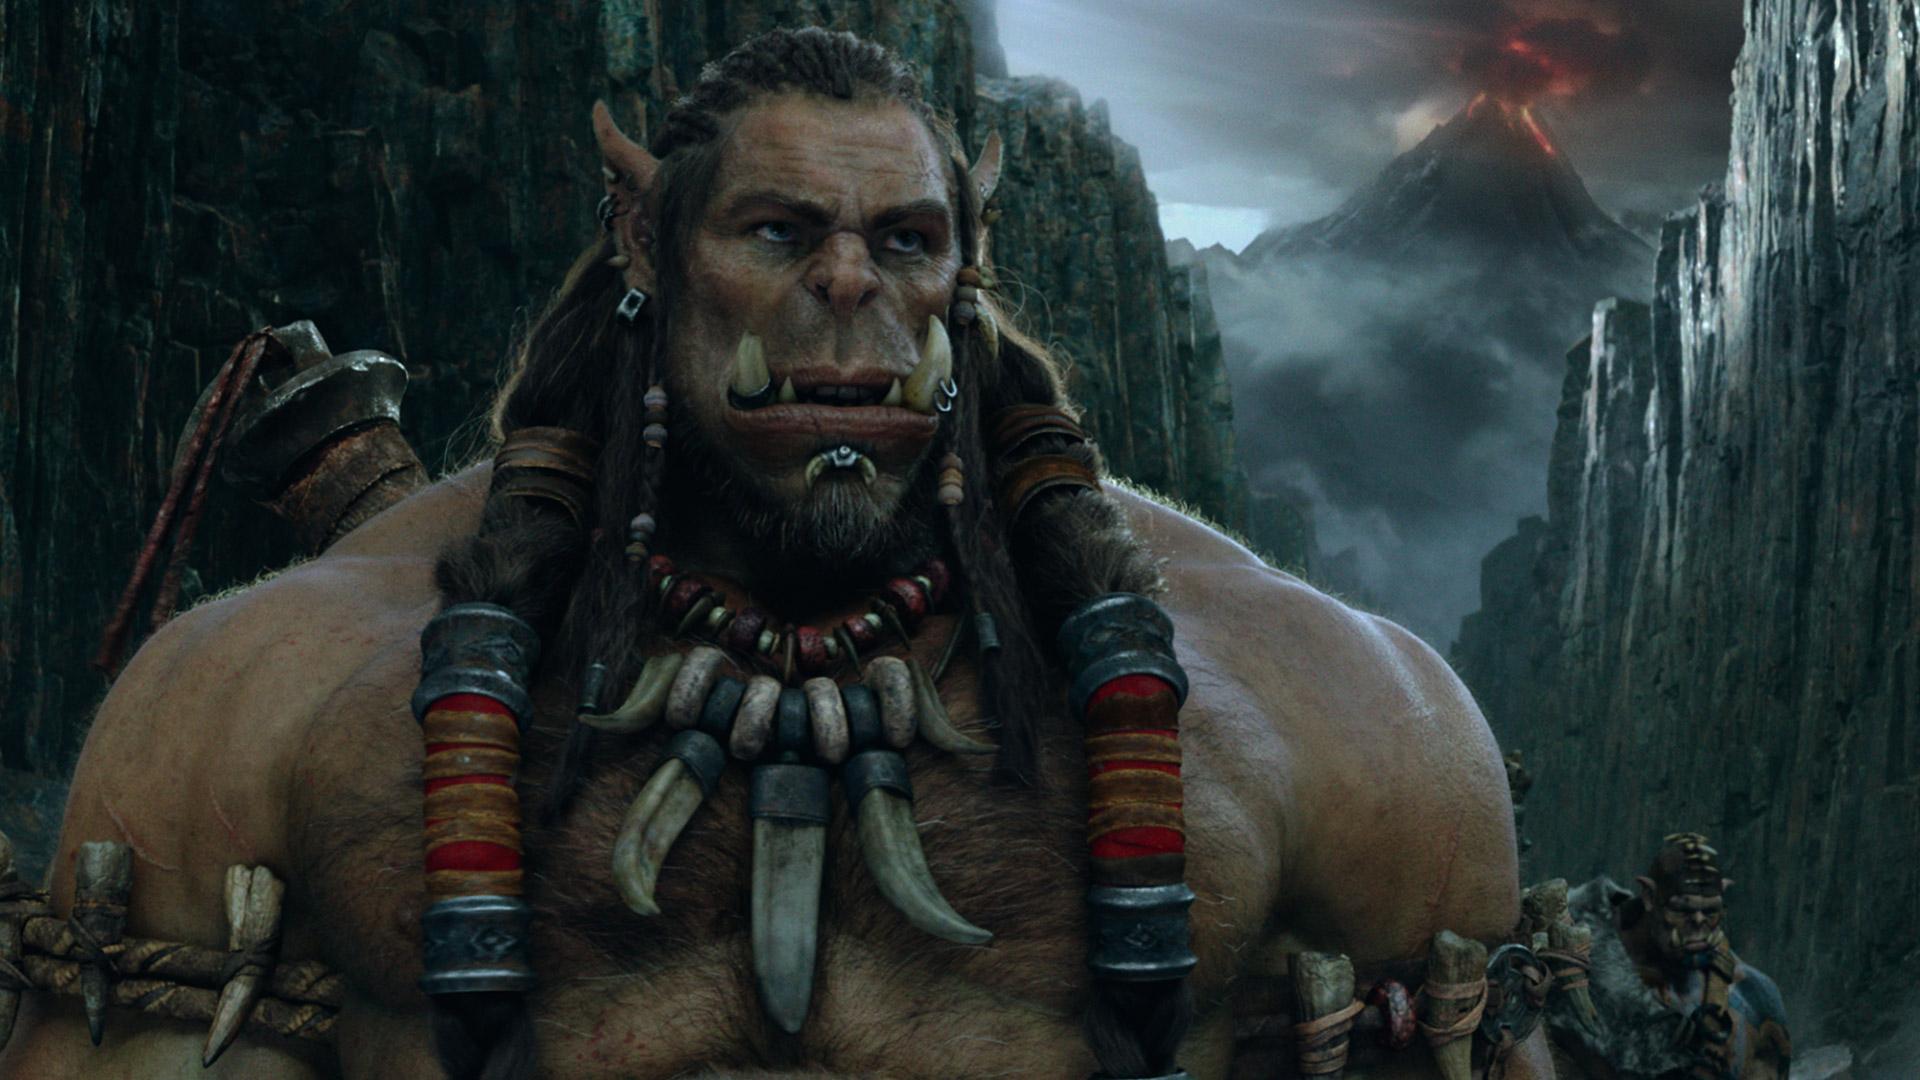 Warcraft: Der Film, auf den wir jahrelang gewartet haben? Kritik eines WoW-Fans